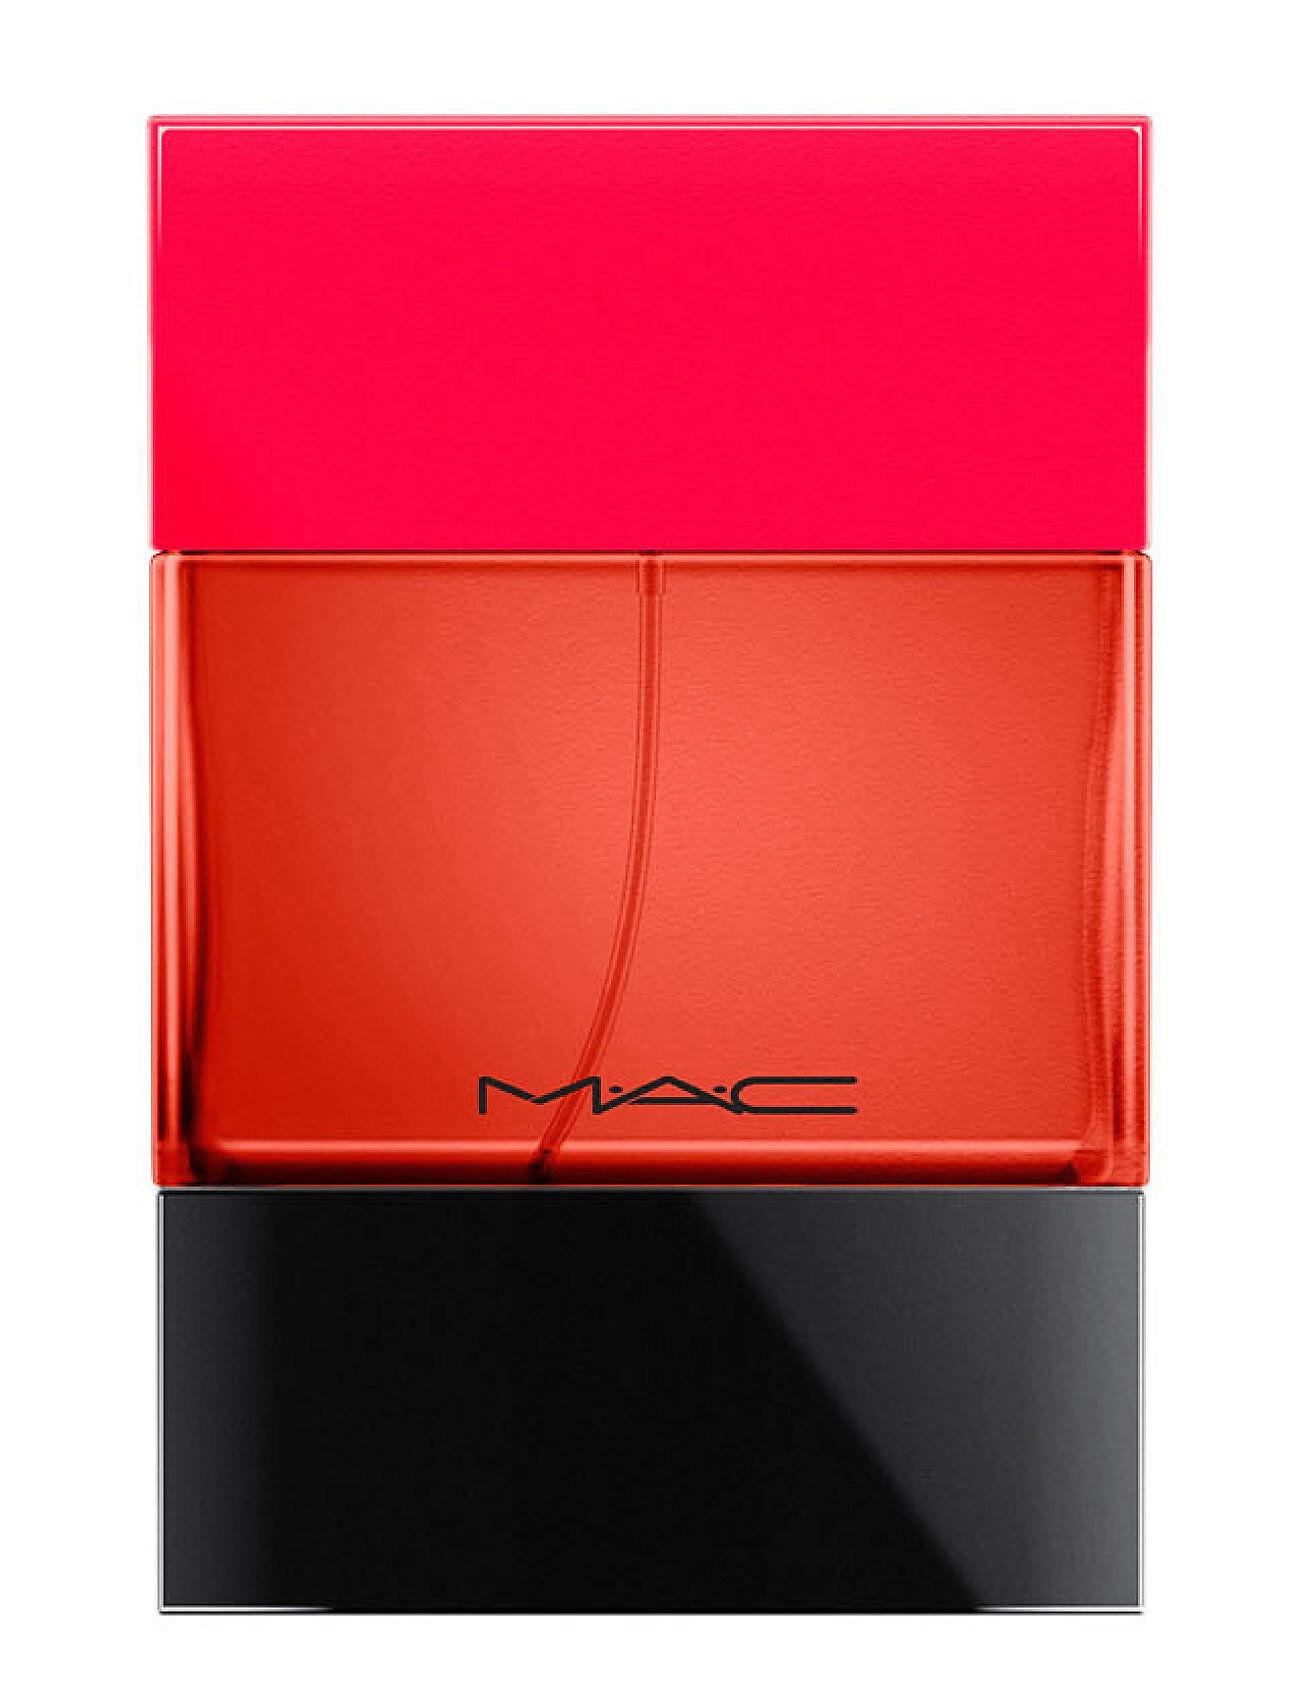 M.A.C. Fragrance Shadescents Lady Danger 50ml Hajuvesi Eau De Parfum Nude M.A.C.